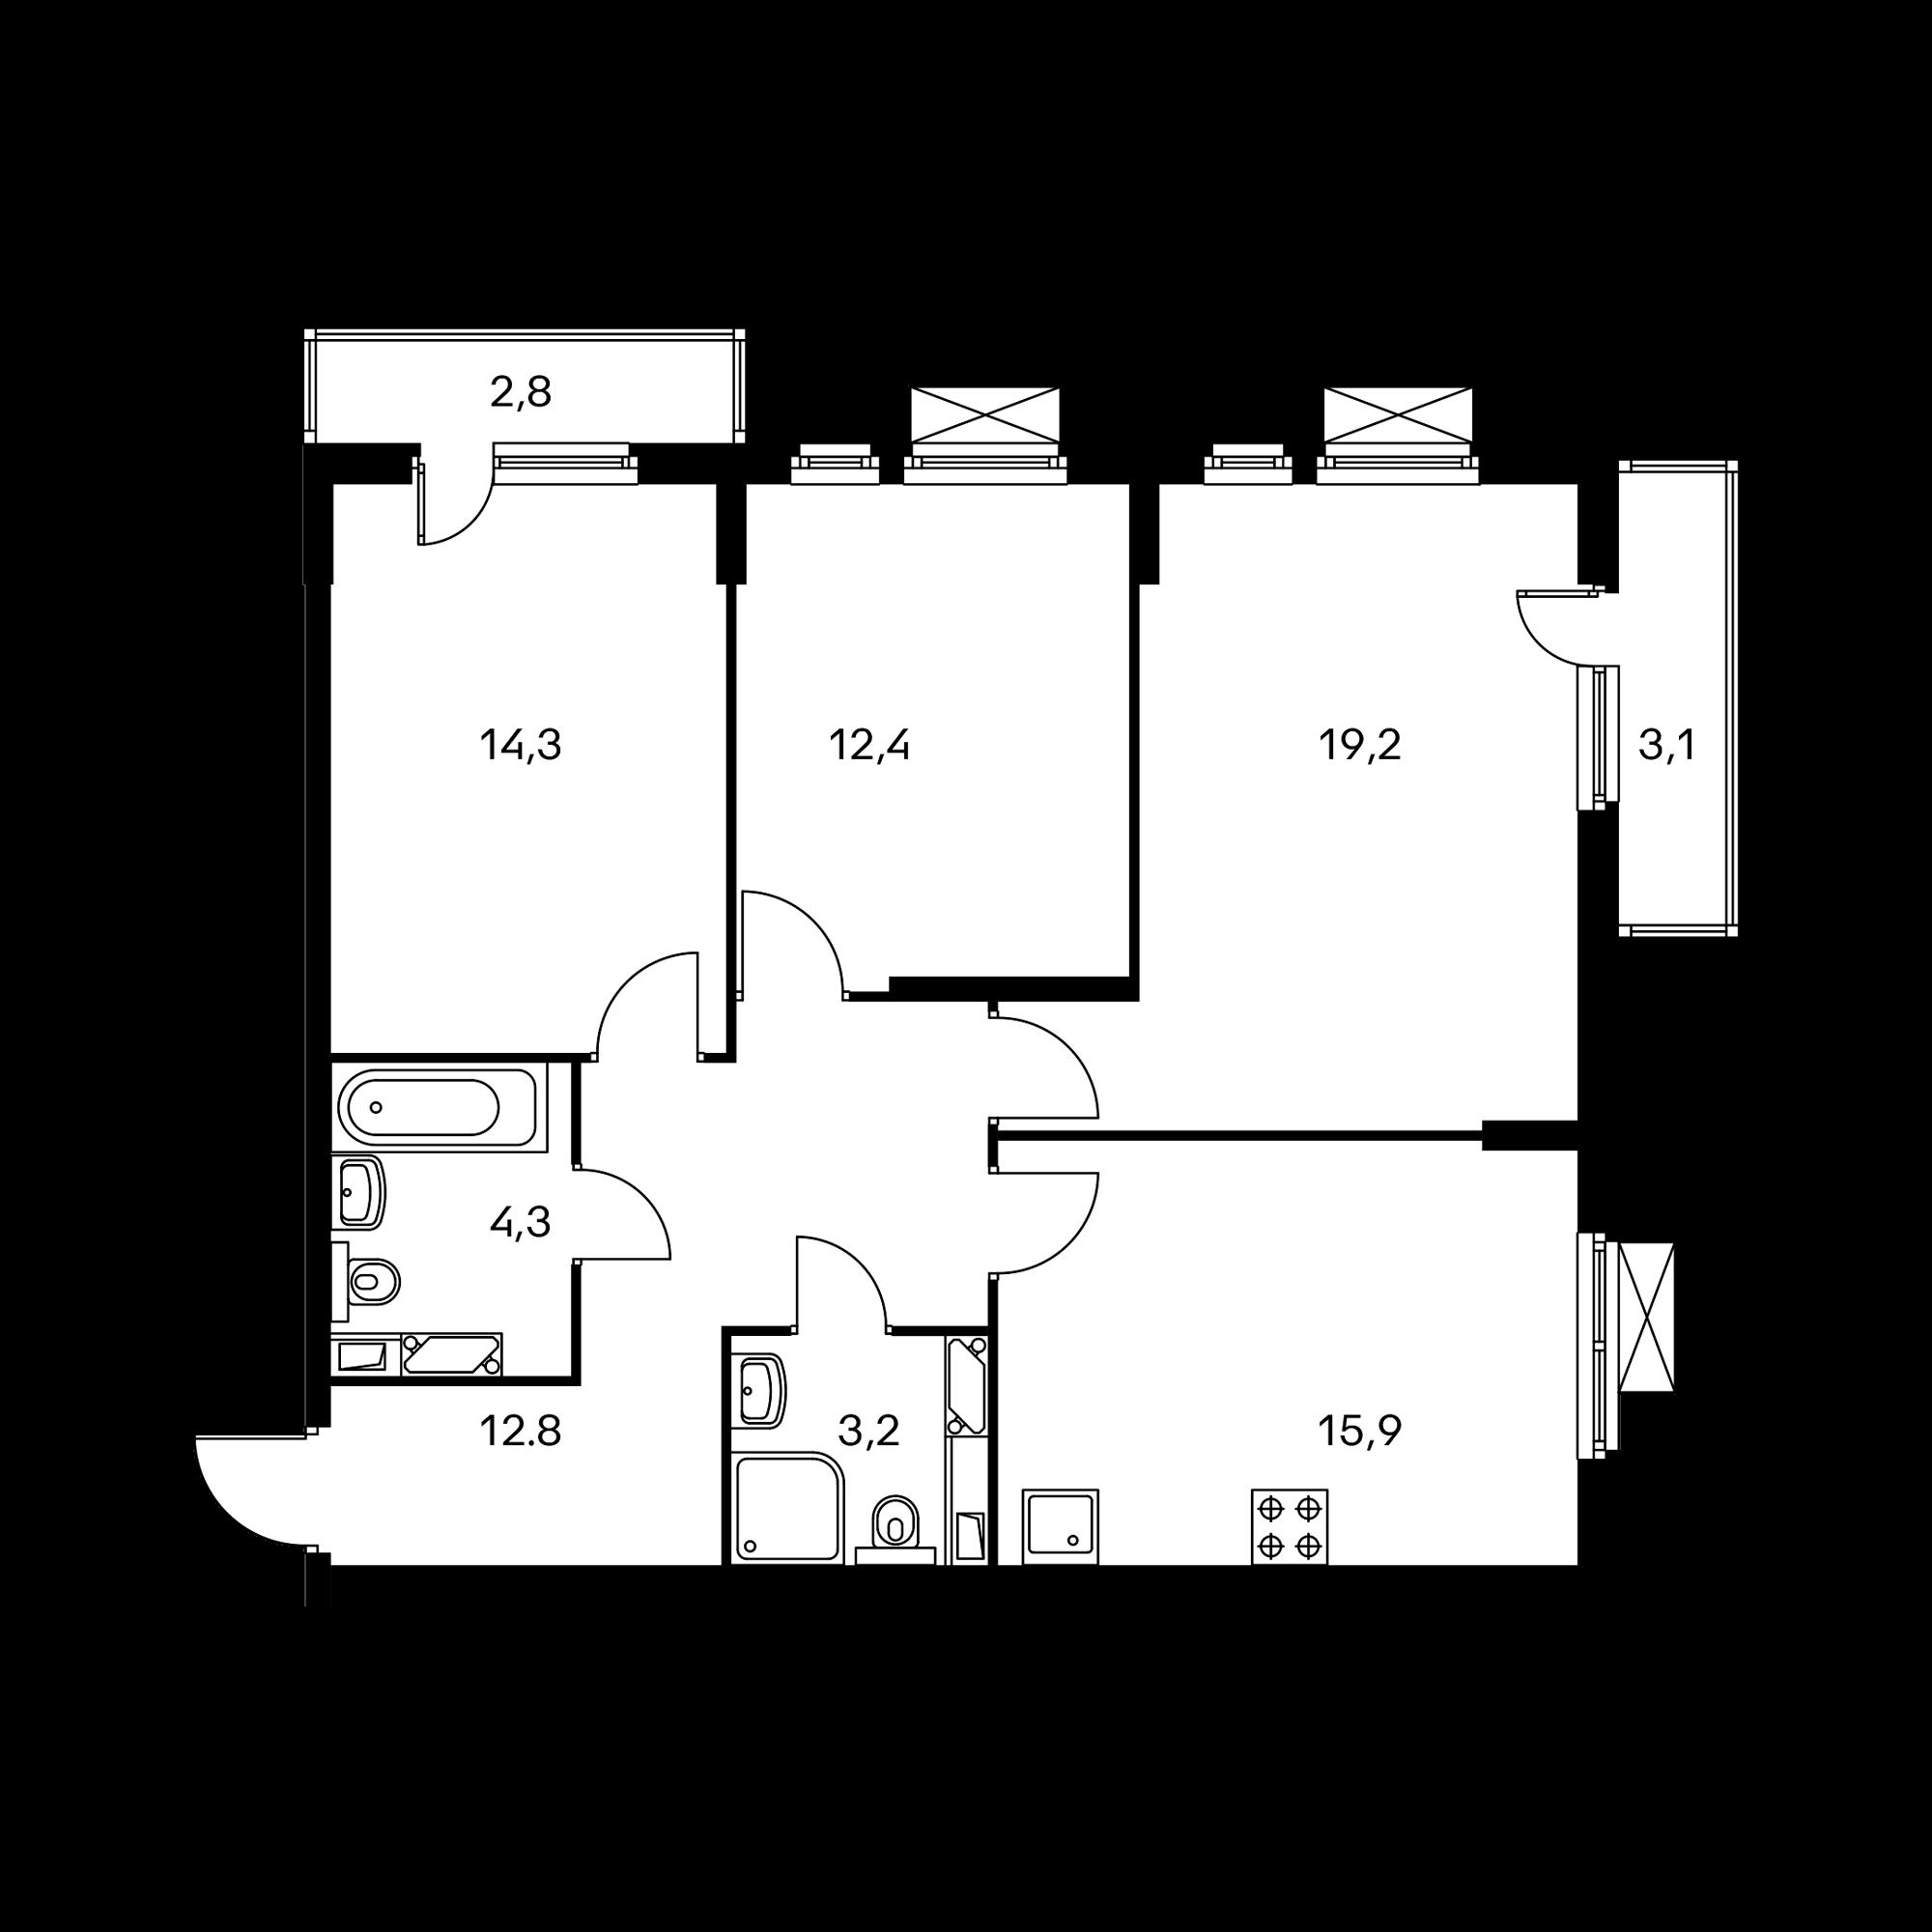 3KL1_4B